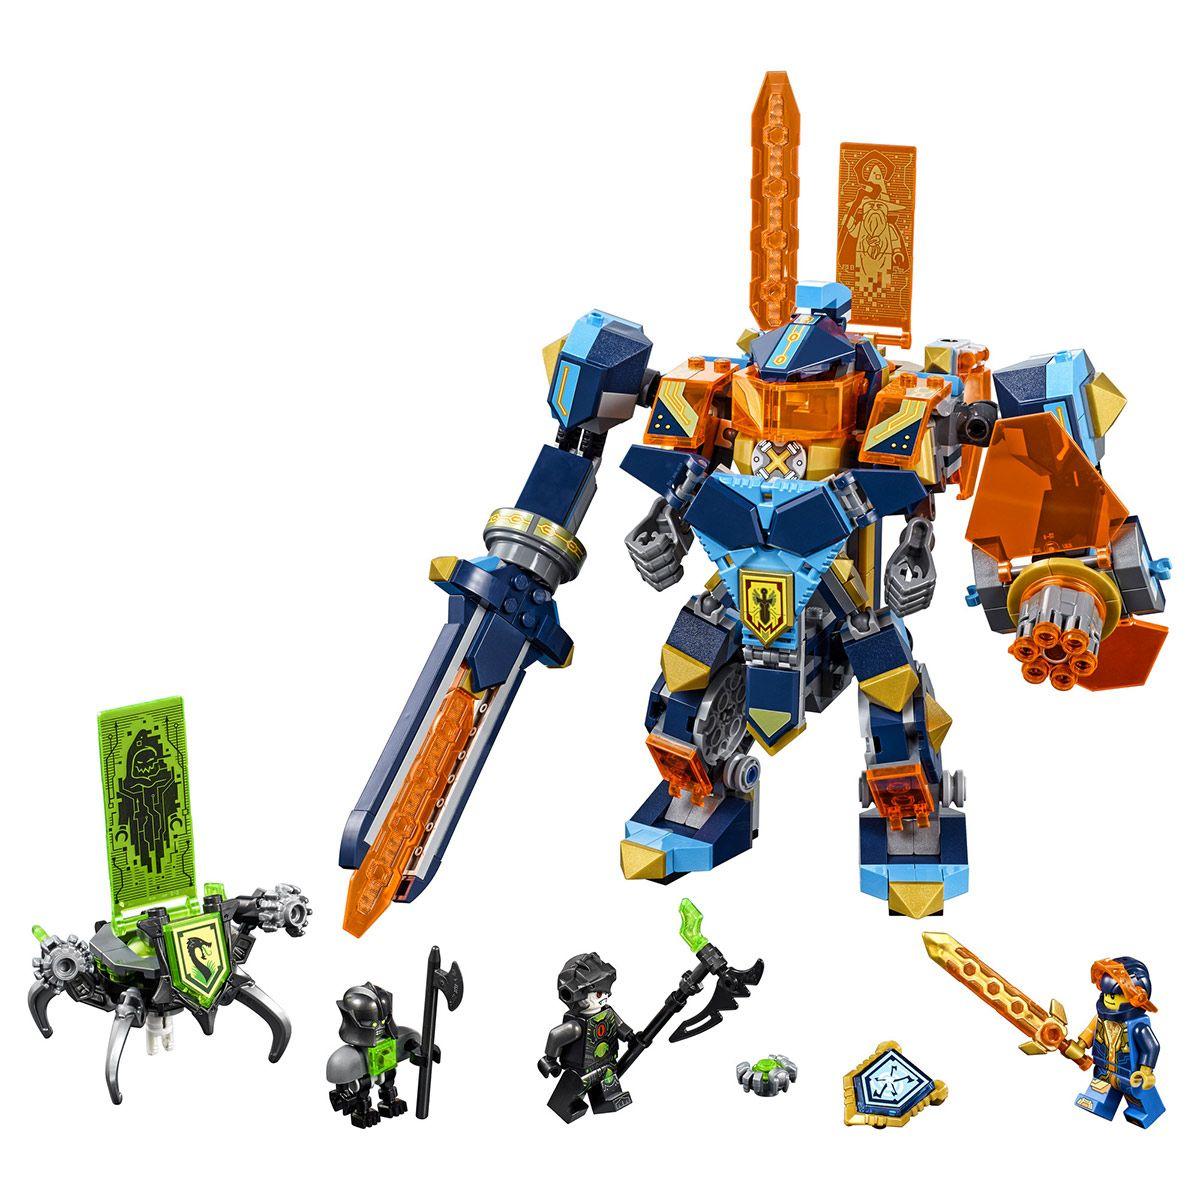 Lego Knights 3 Clay L'armure Robots En Et Sciences Nexo 1 De 72004 3jLqA54R